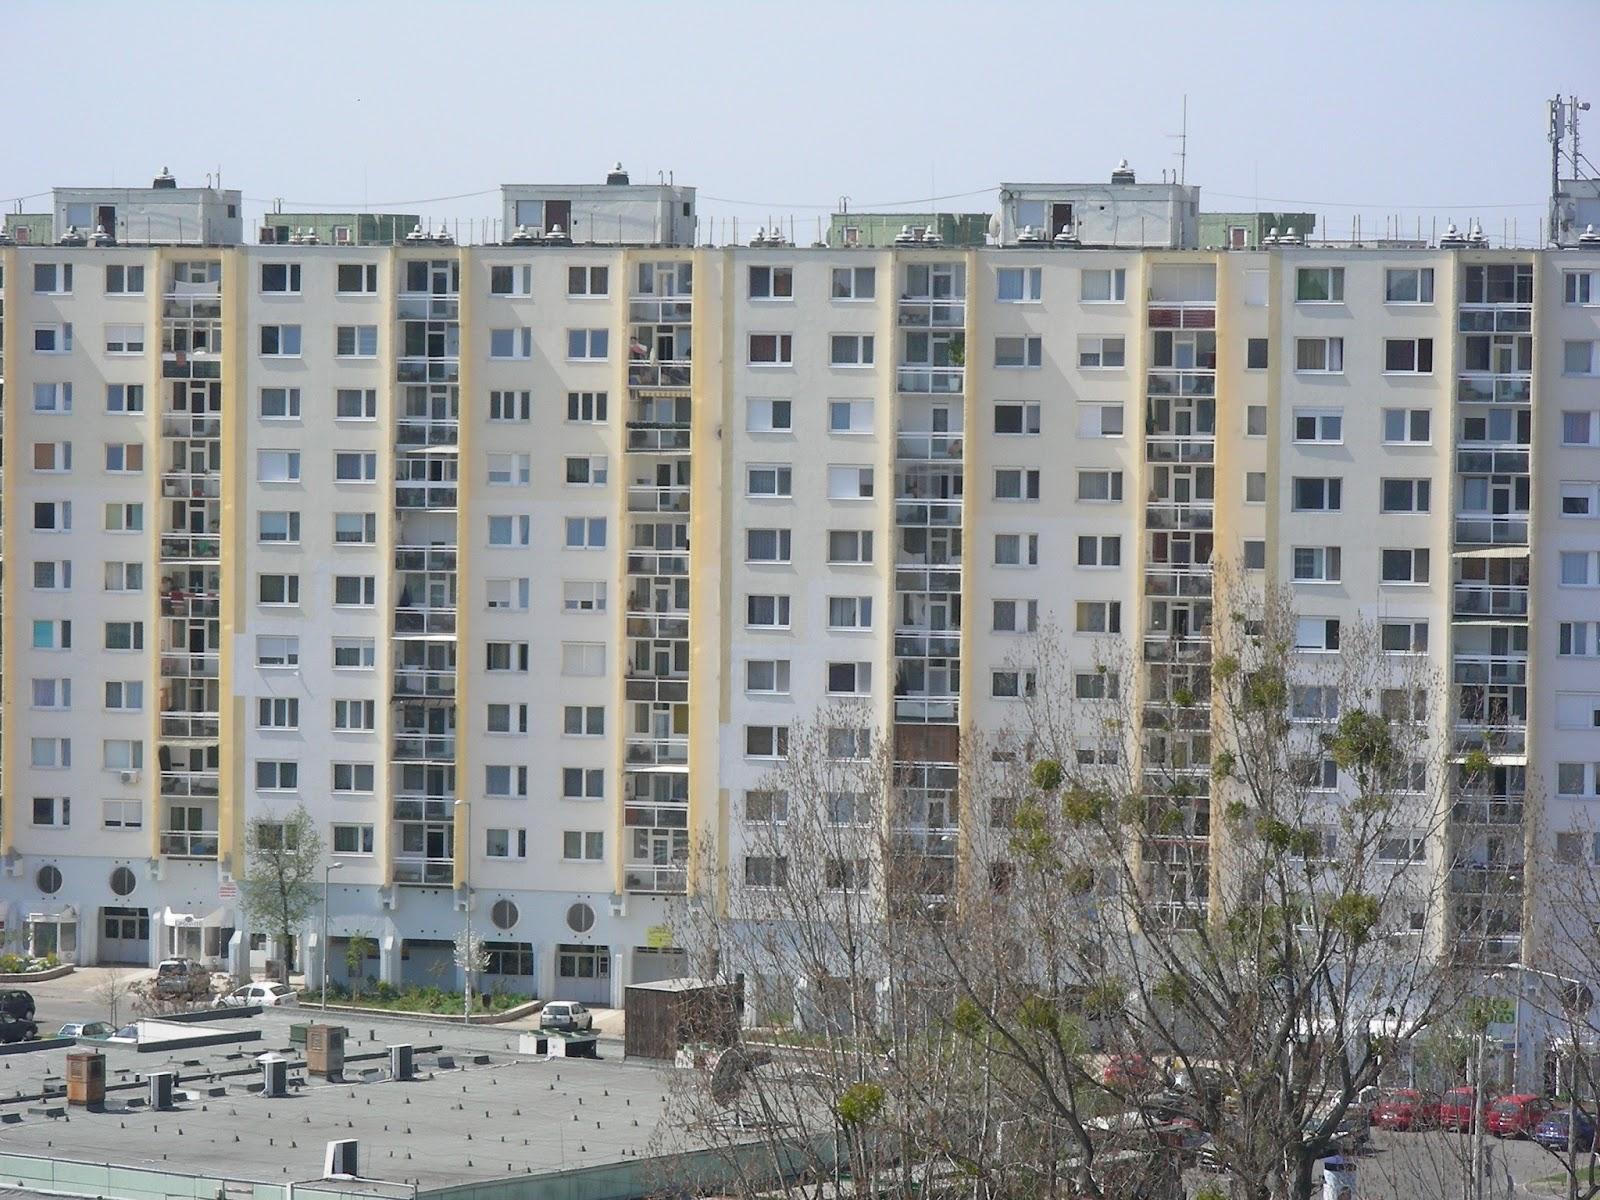 Ezek a legnépszerűbb, legdrágább és legolcsóbb lakótelepek